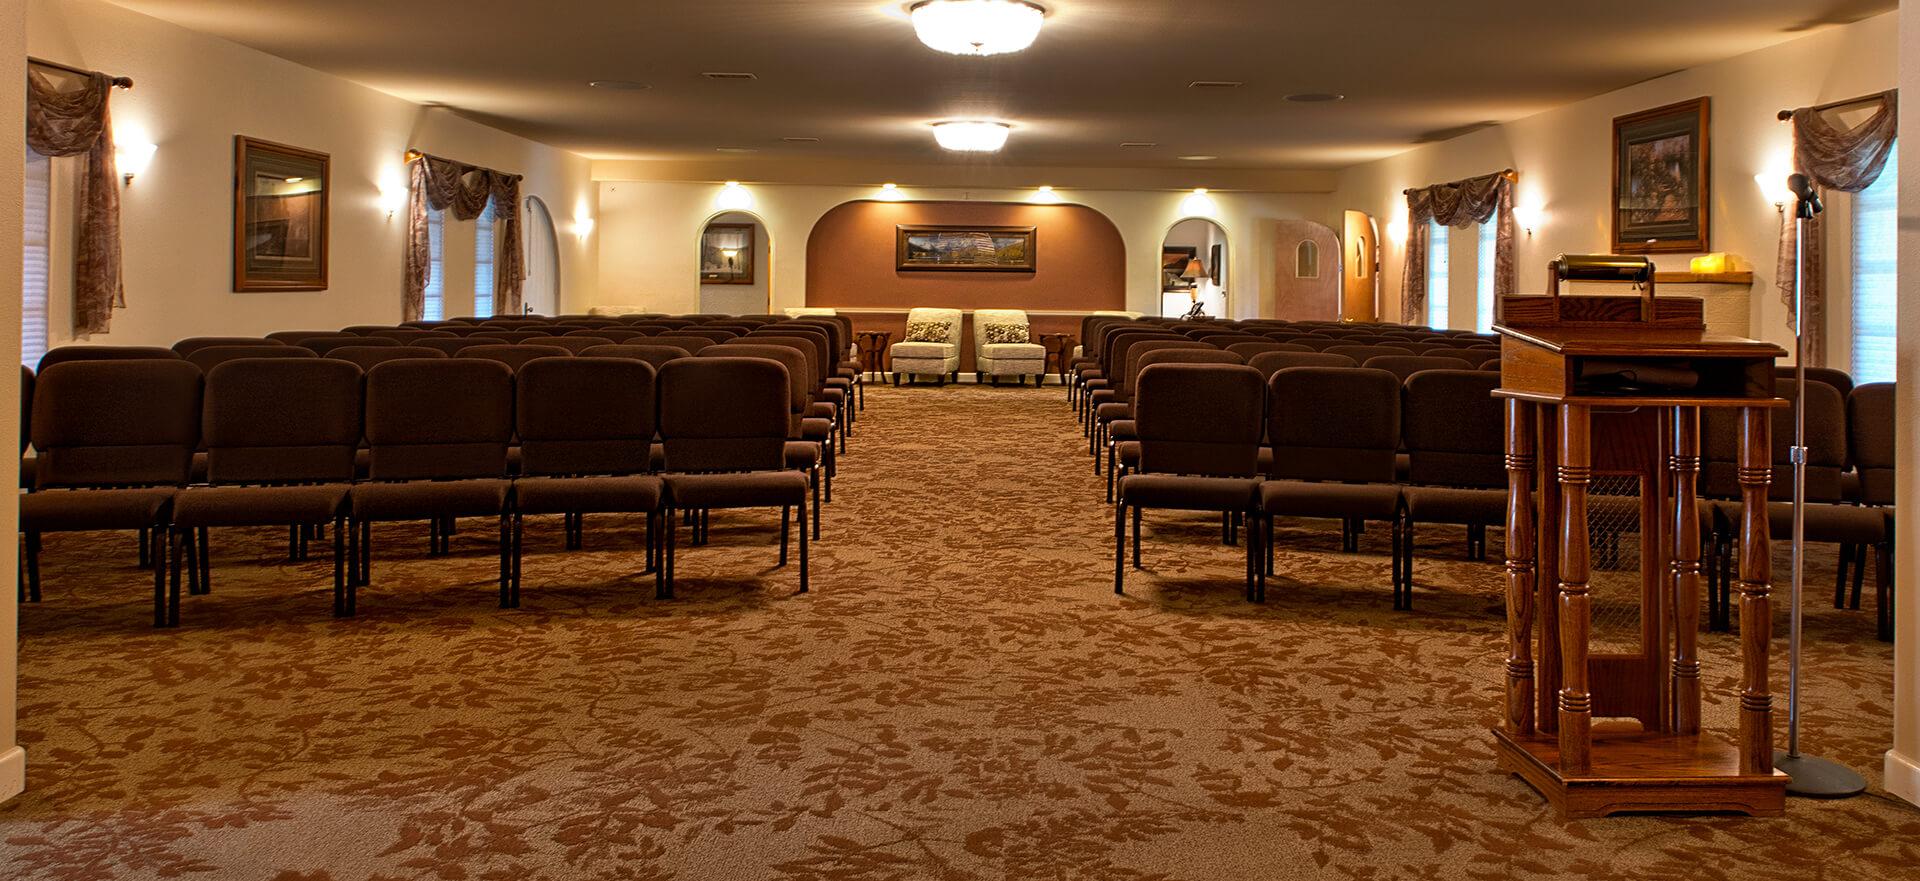 Casper Wy Funeral Home